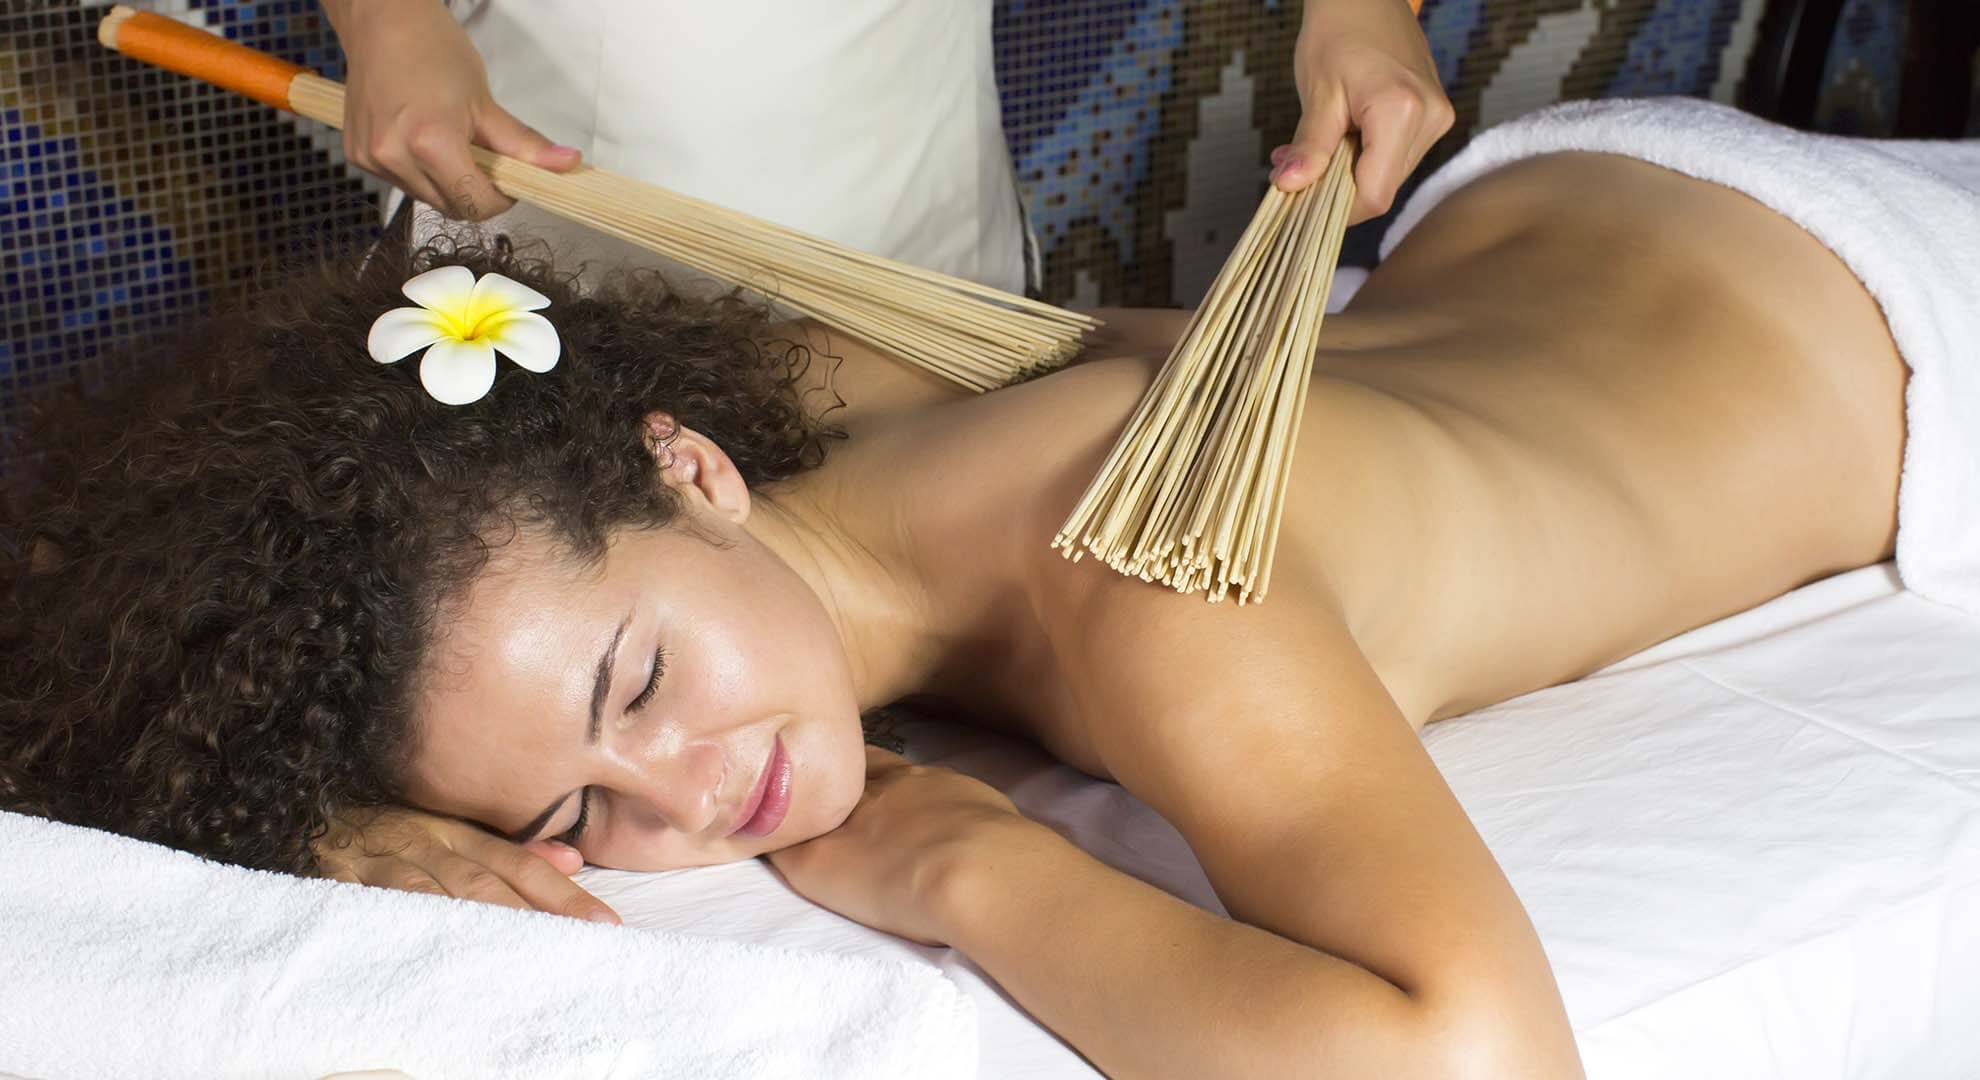 Русский массаж писи, Русский порно массаж. Смотреть бесплатно порно на 12 фотография